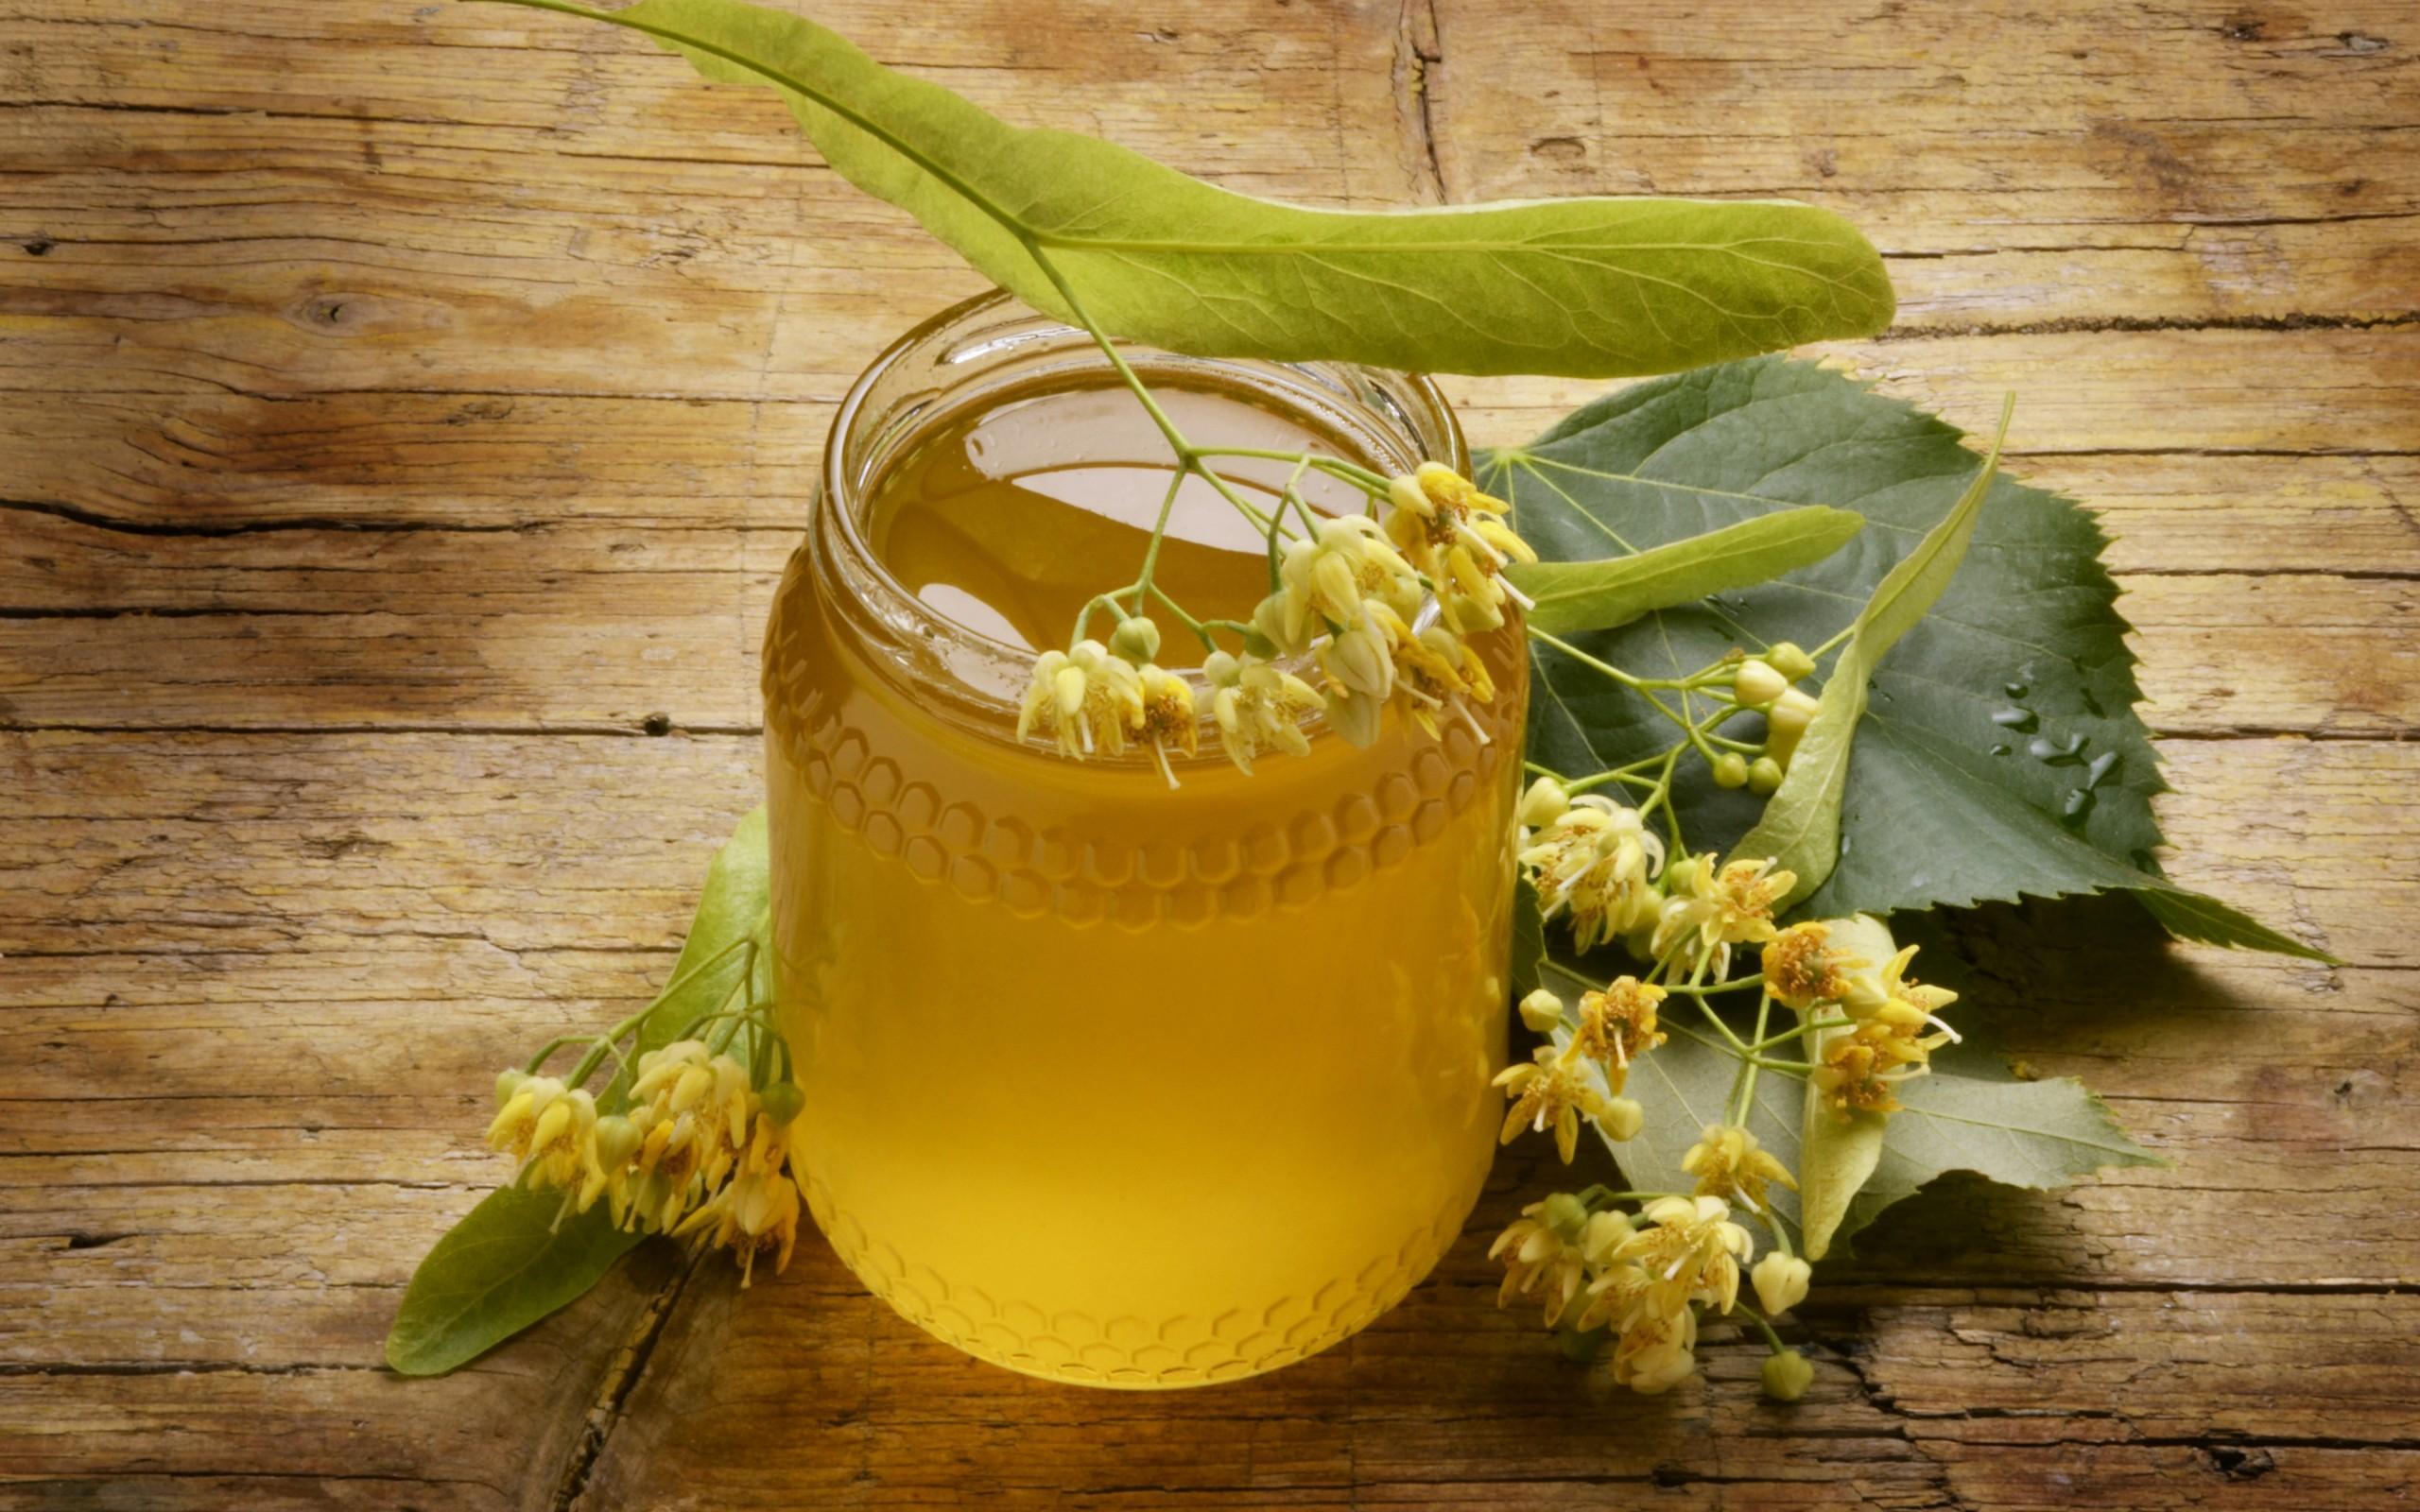 Белый мед: описание, состав, польза, медоносы